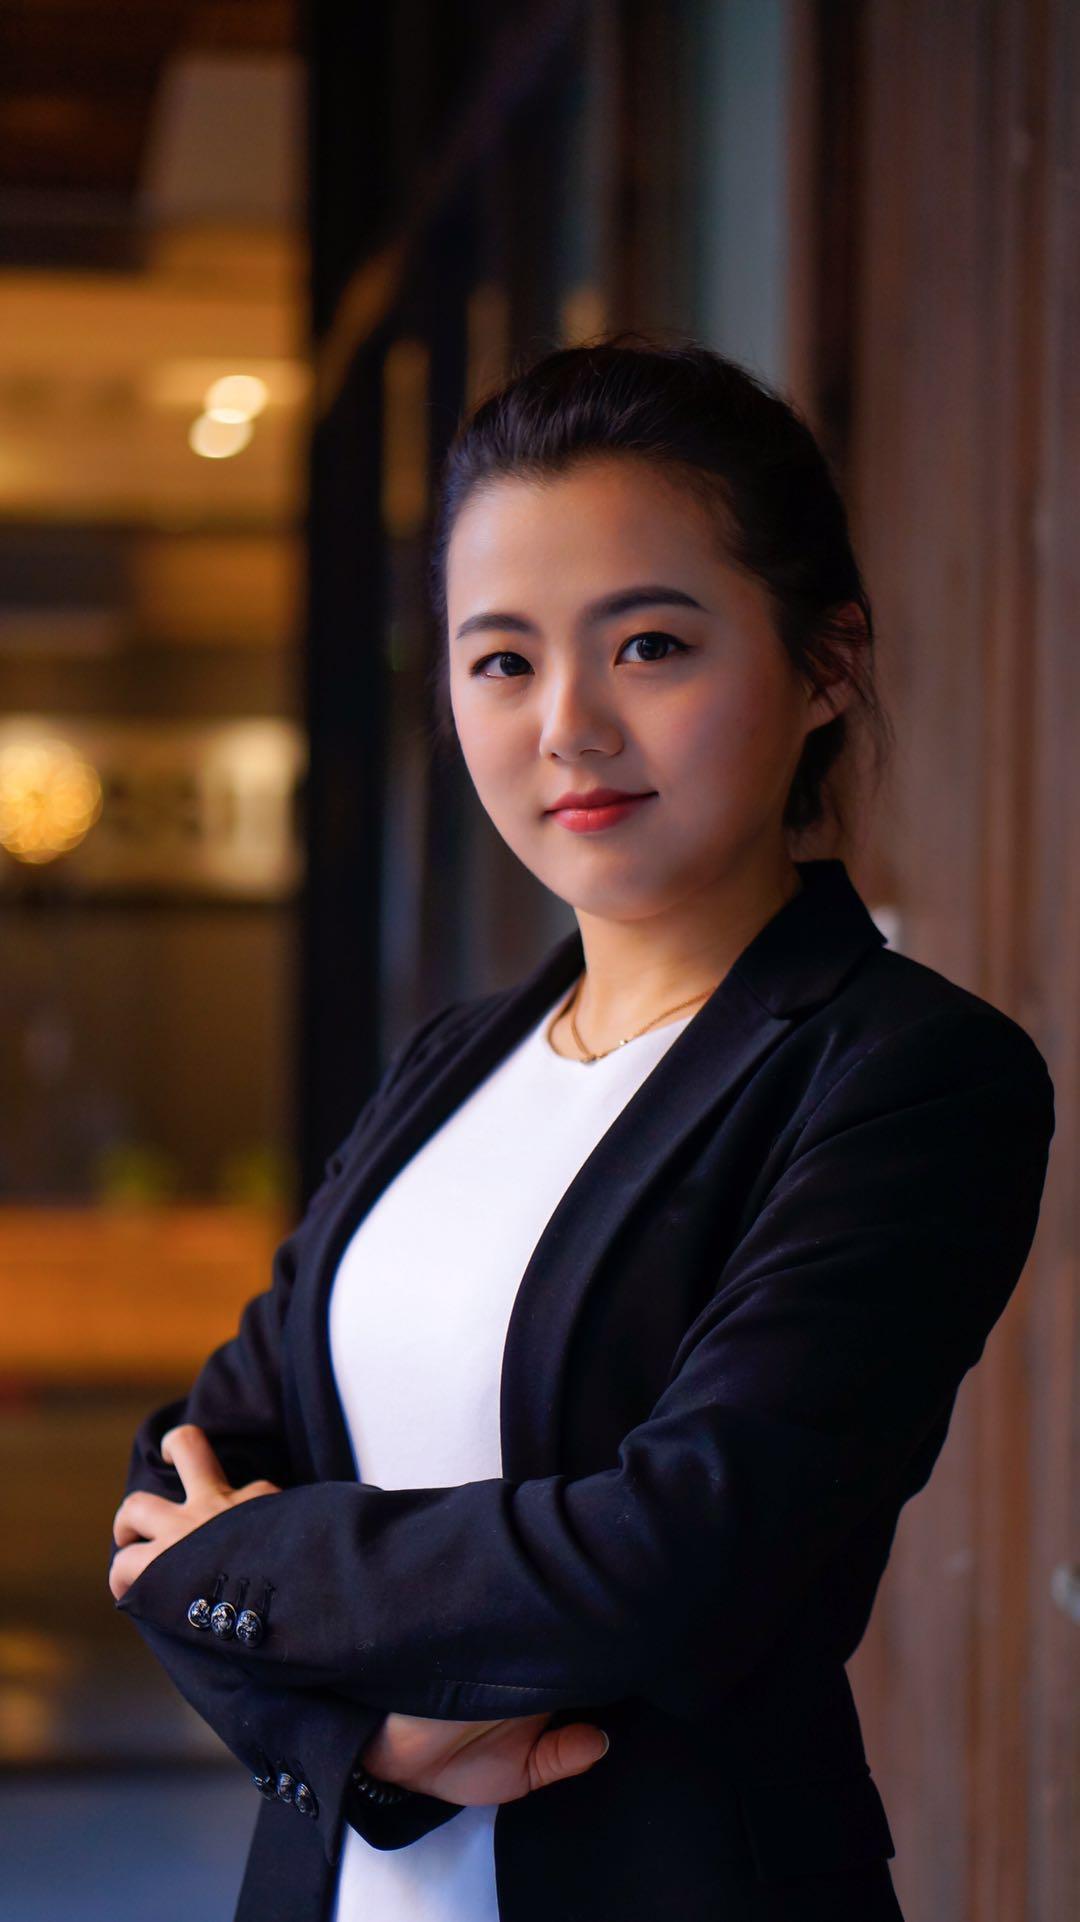 photo of Tina wong.